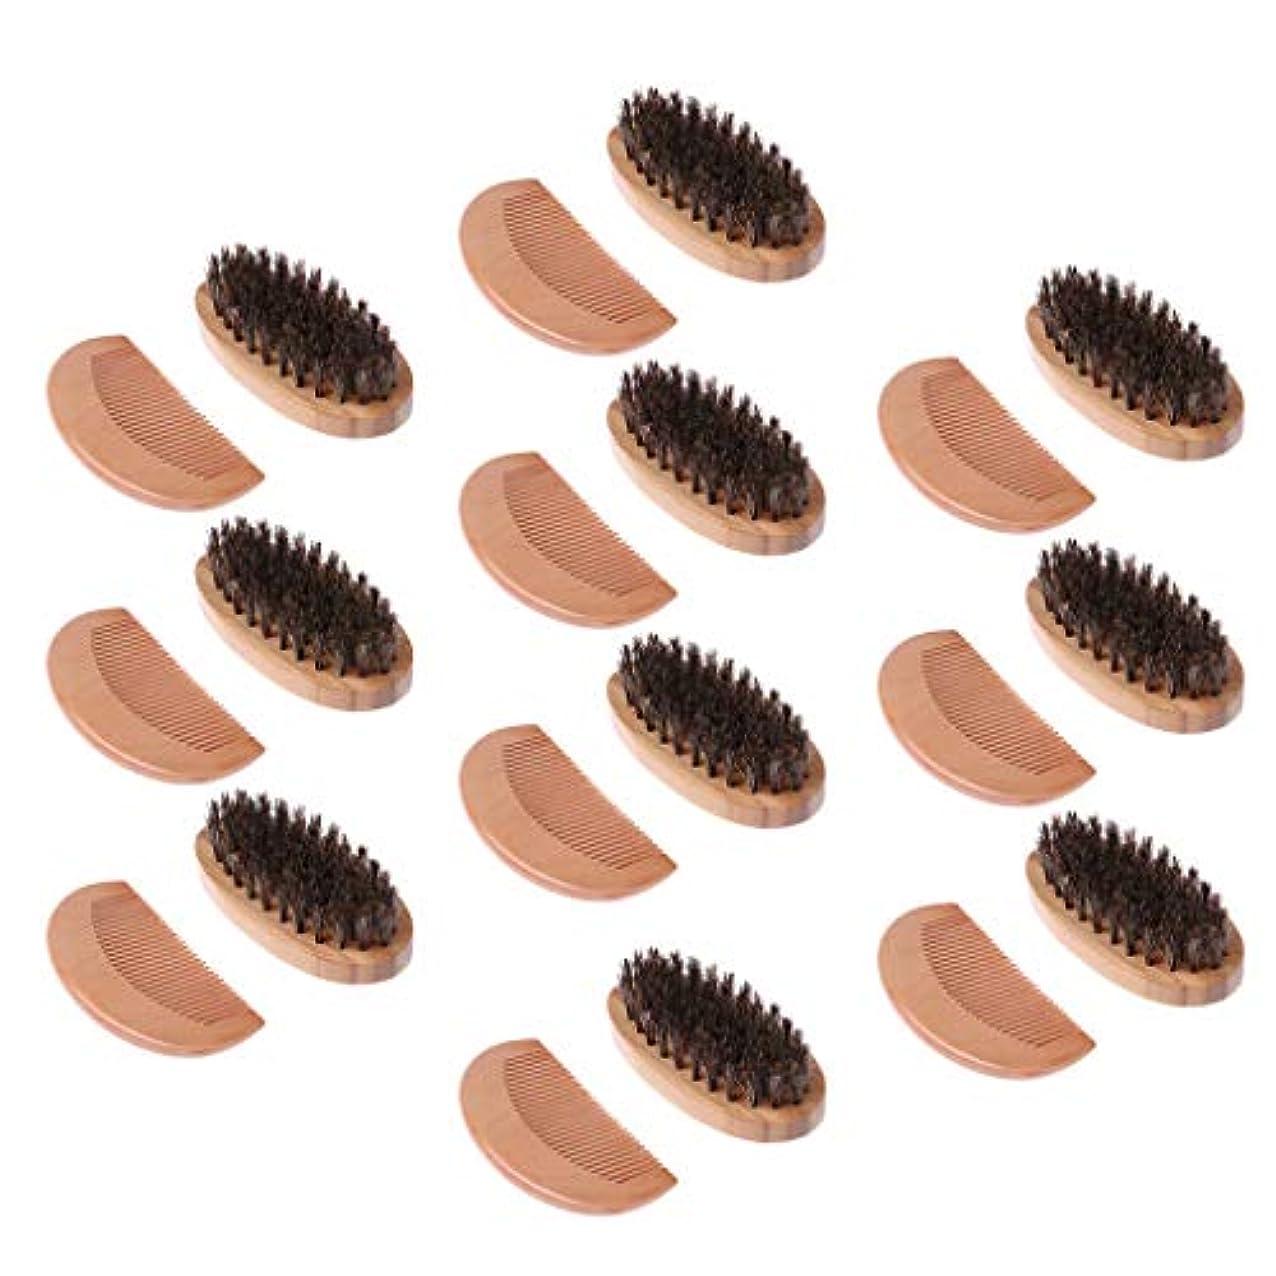 荒れ地市長上にdailymall 10イノシシの毛の毛のひげの口ひげの手入れをするブラシ及び人のための木の櫛